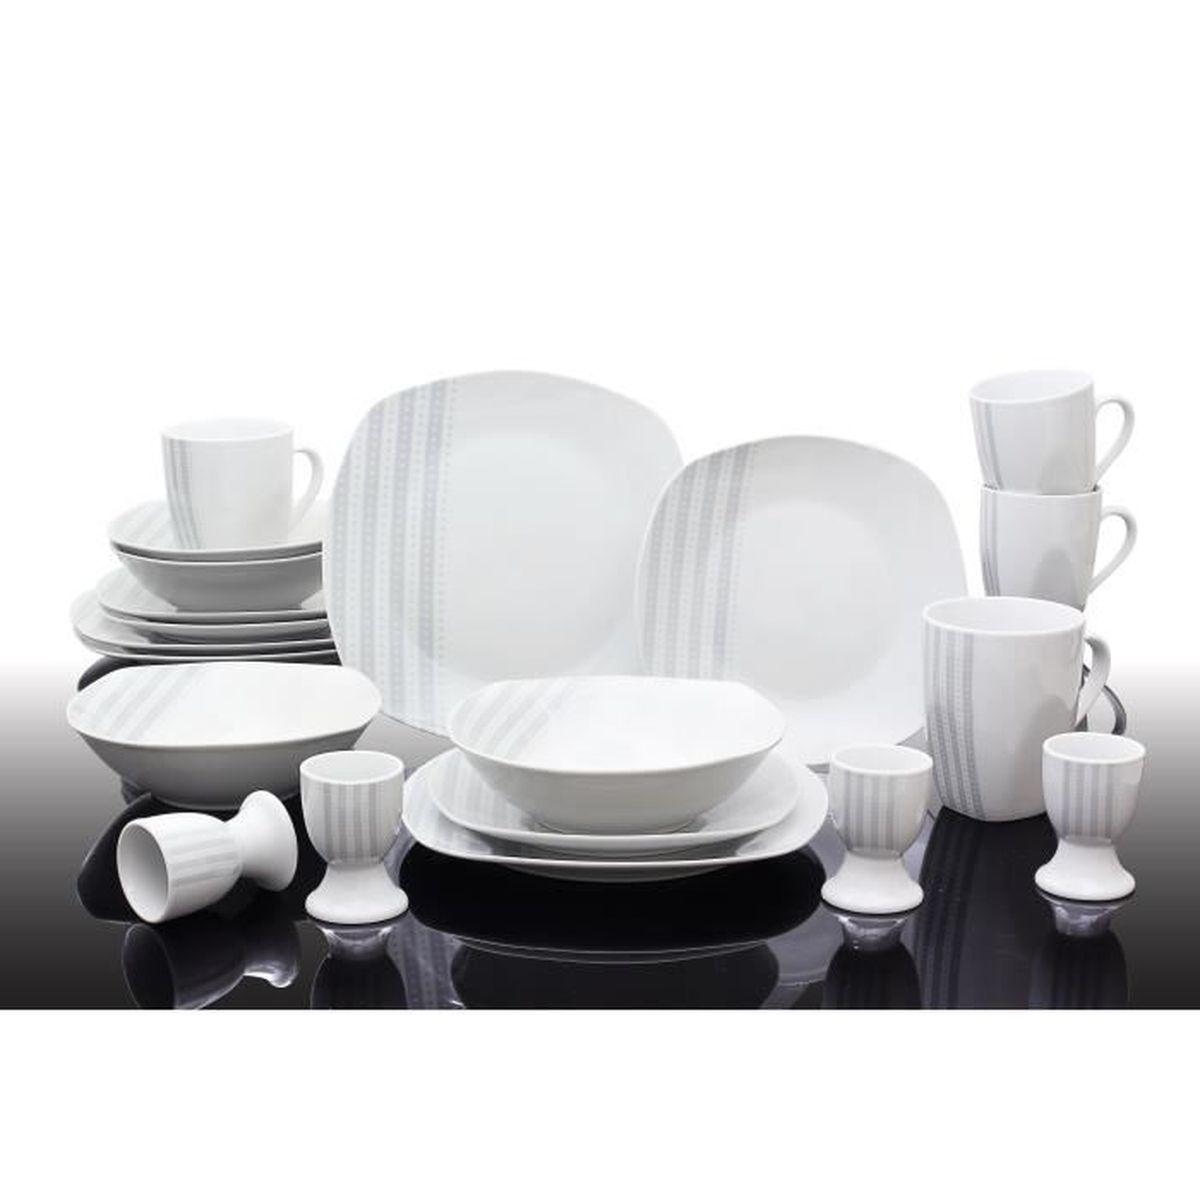 76a3693a086b3 Service vaisselle complet - Achat / Vente pas cher